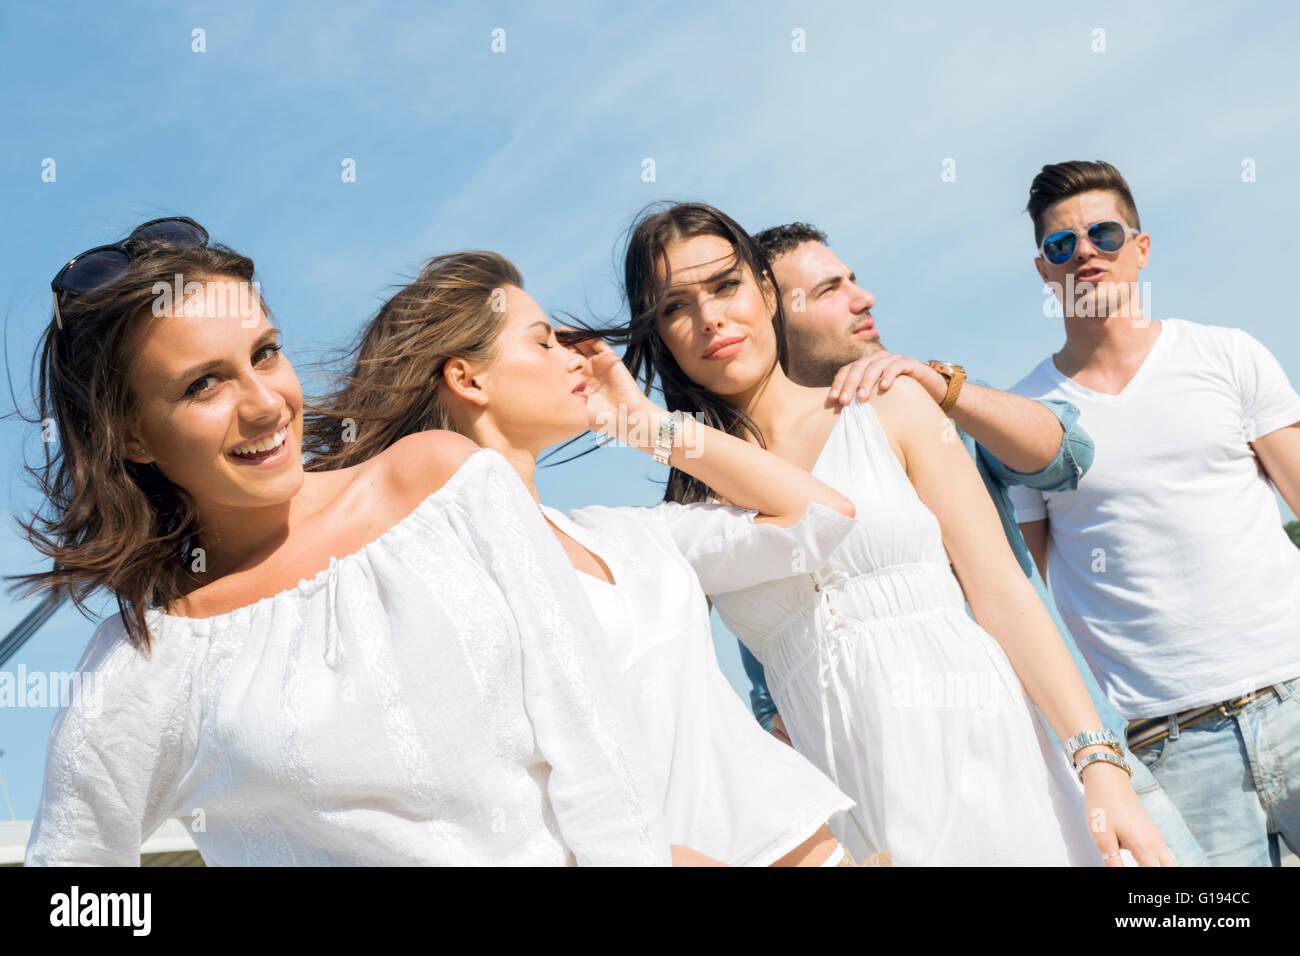 Junge Leute am Strand posiert mit Wind weht ihr Haar Stockbild